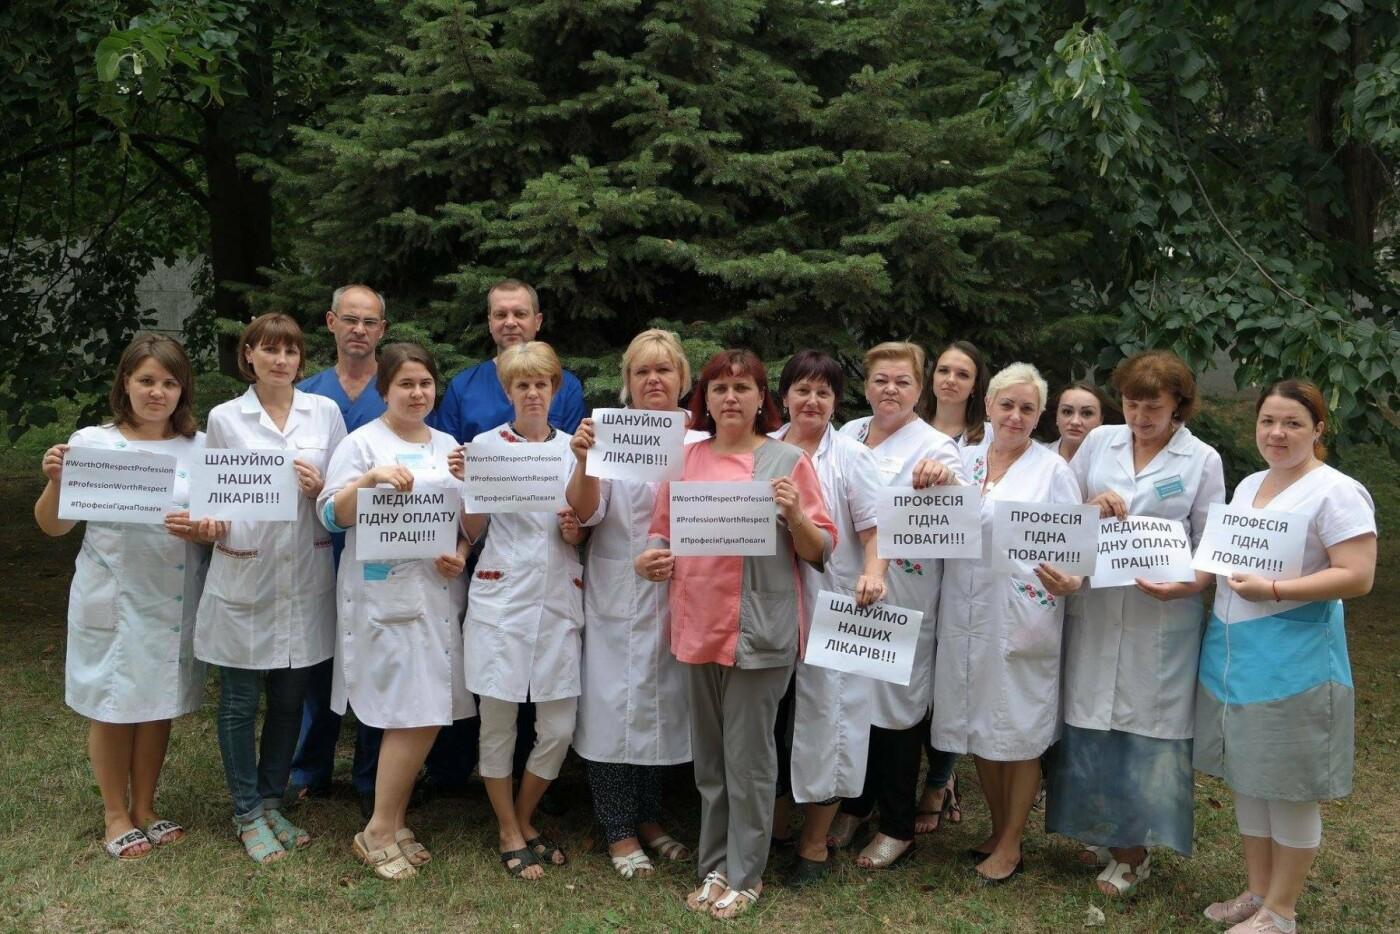 «Профессия достойна уважения»: врачи Каменского требуют улучшить финансирование медицины, фото-4